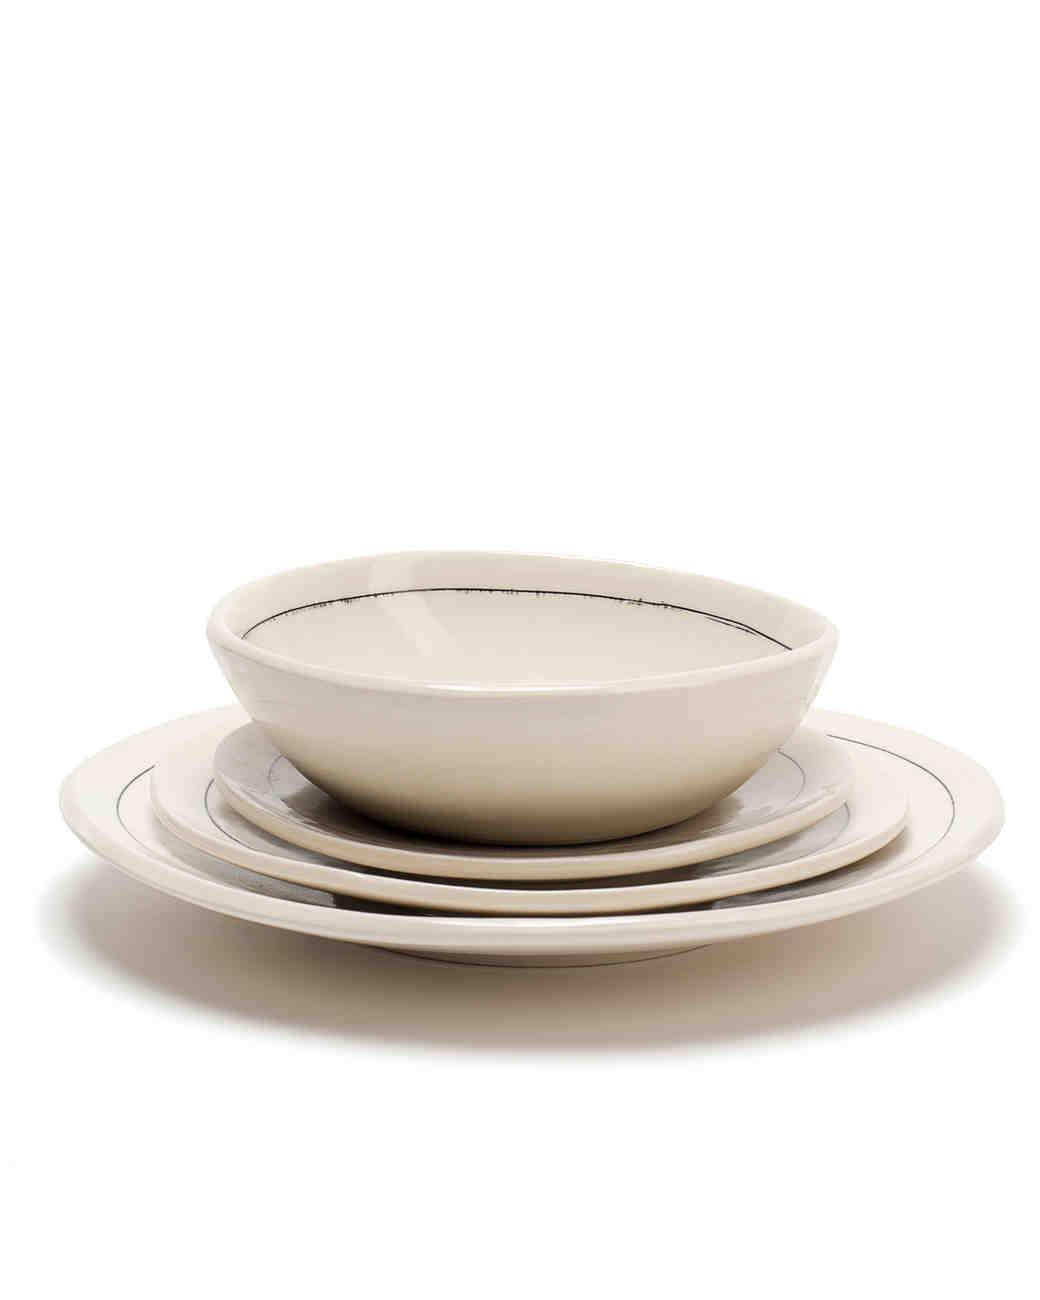 china-registry-global-keith-kreeger-hudson-dinnerware-1014.jpg